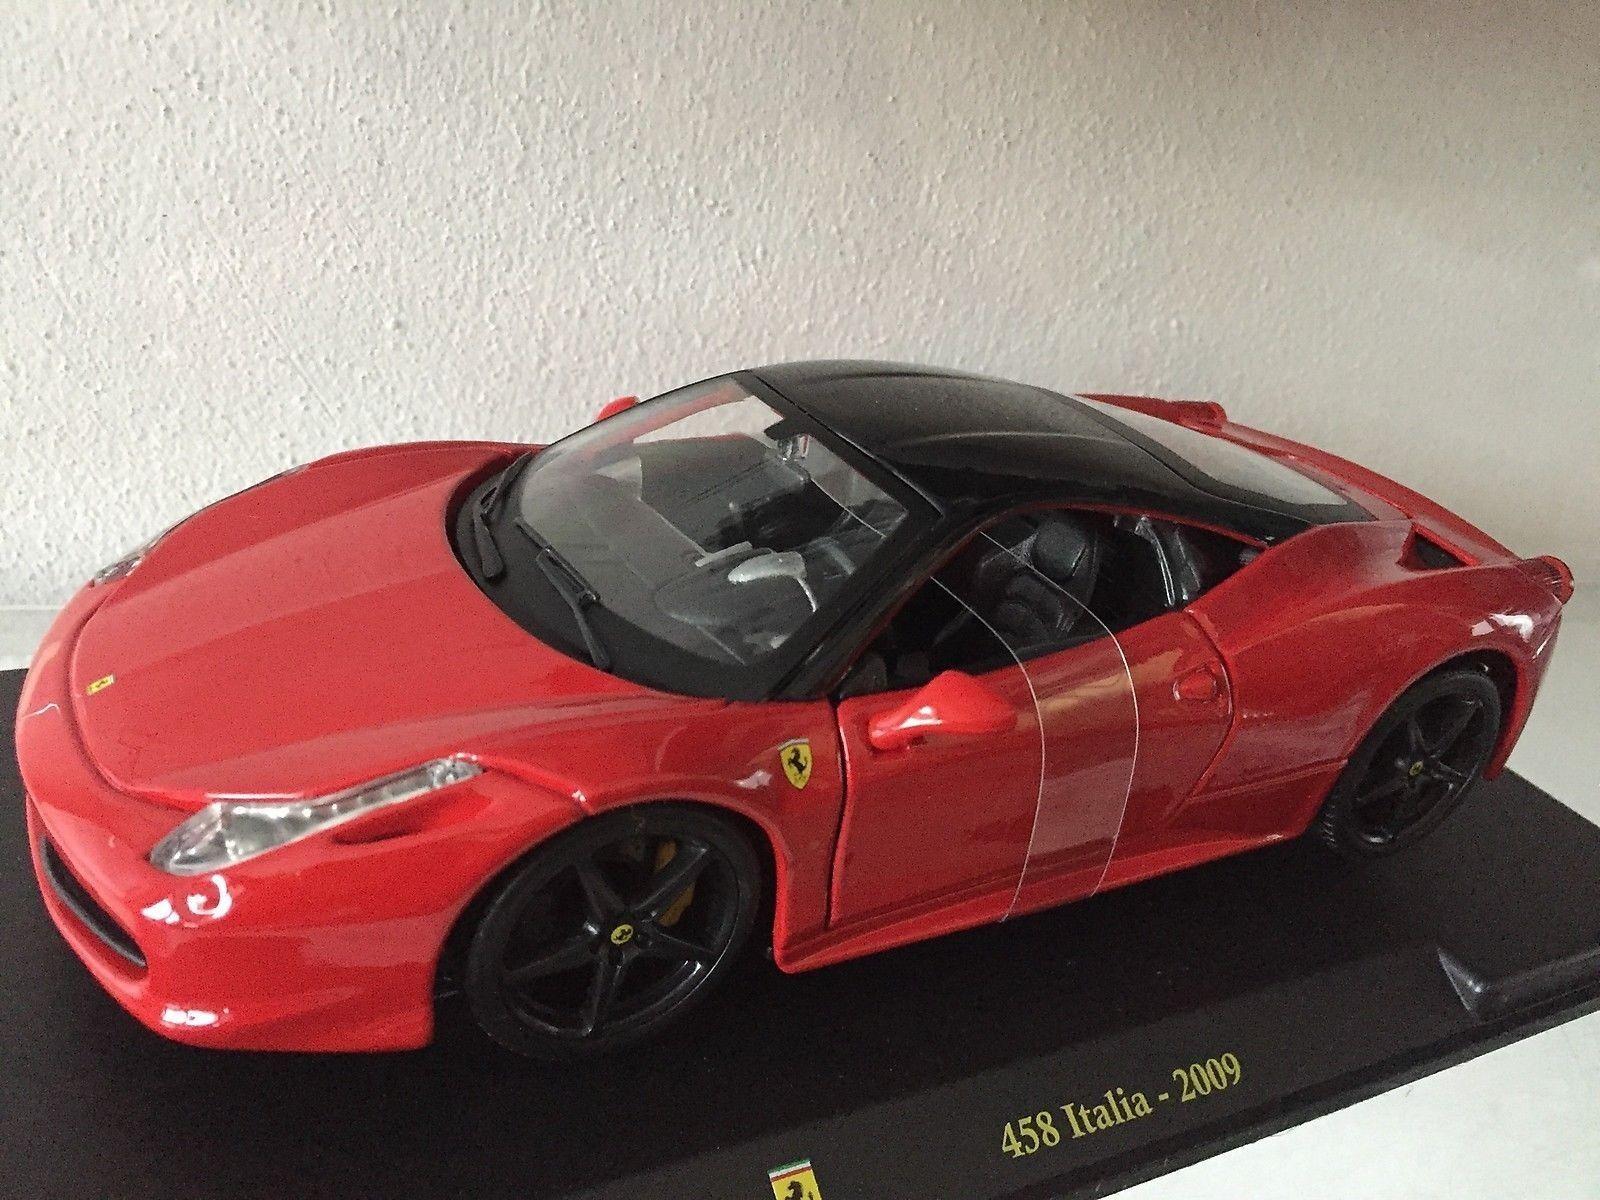 Ferrari F 458 Italia 2009 red - DIE CAST 1 24